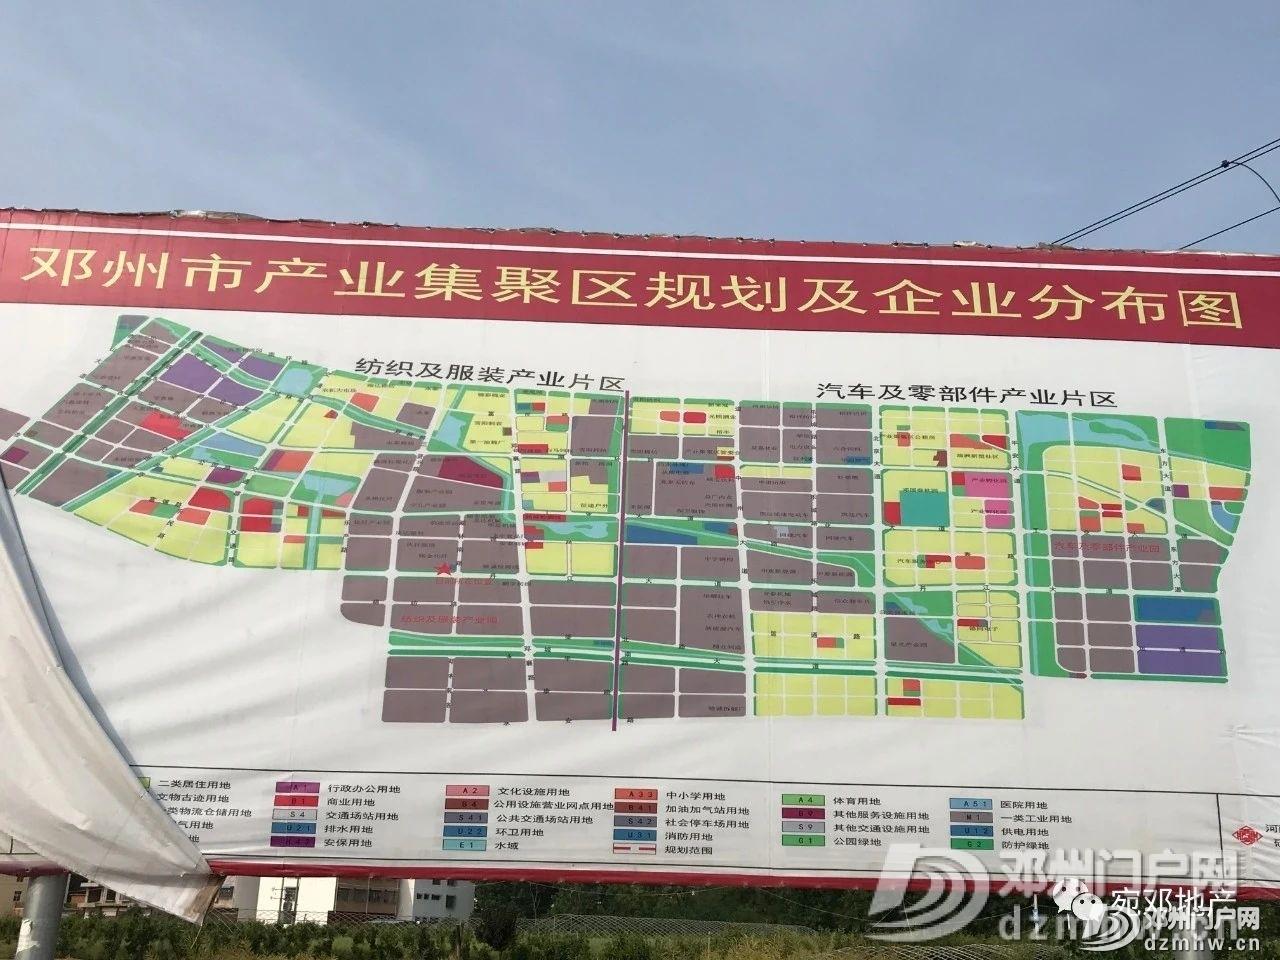 征收大量土地,多数厂房荒芜,邓州工业集聚区现状 - 邓州门户网|邓州网 - bd0cfb6c76e47261f4548e3b1fc3828c.jpg